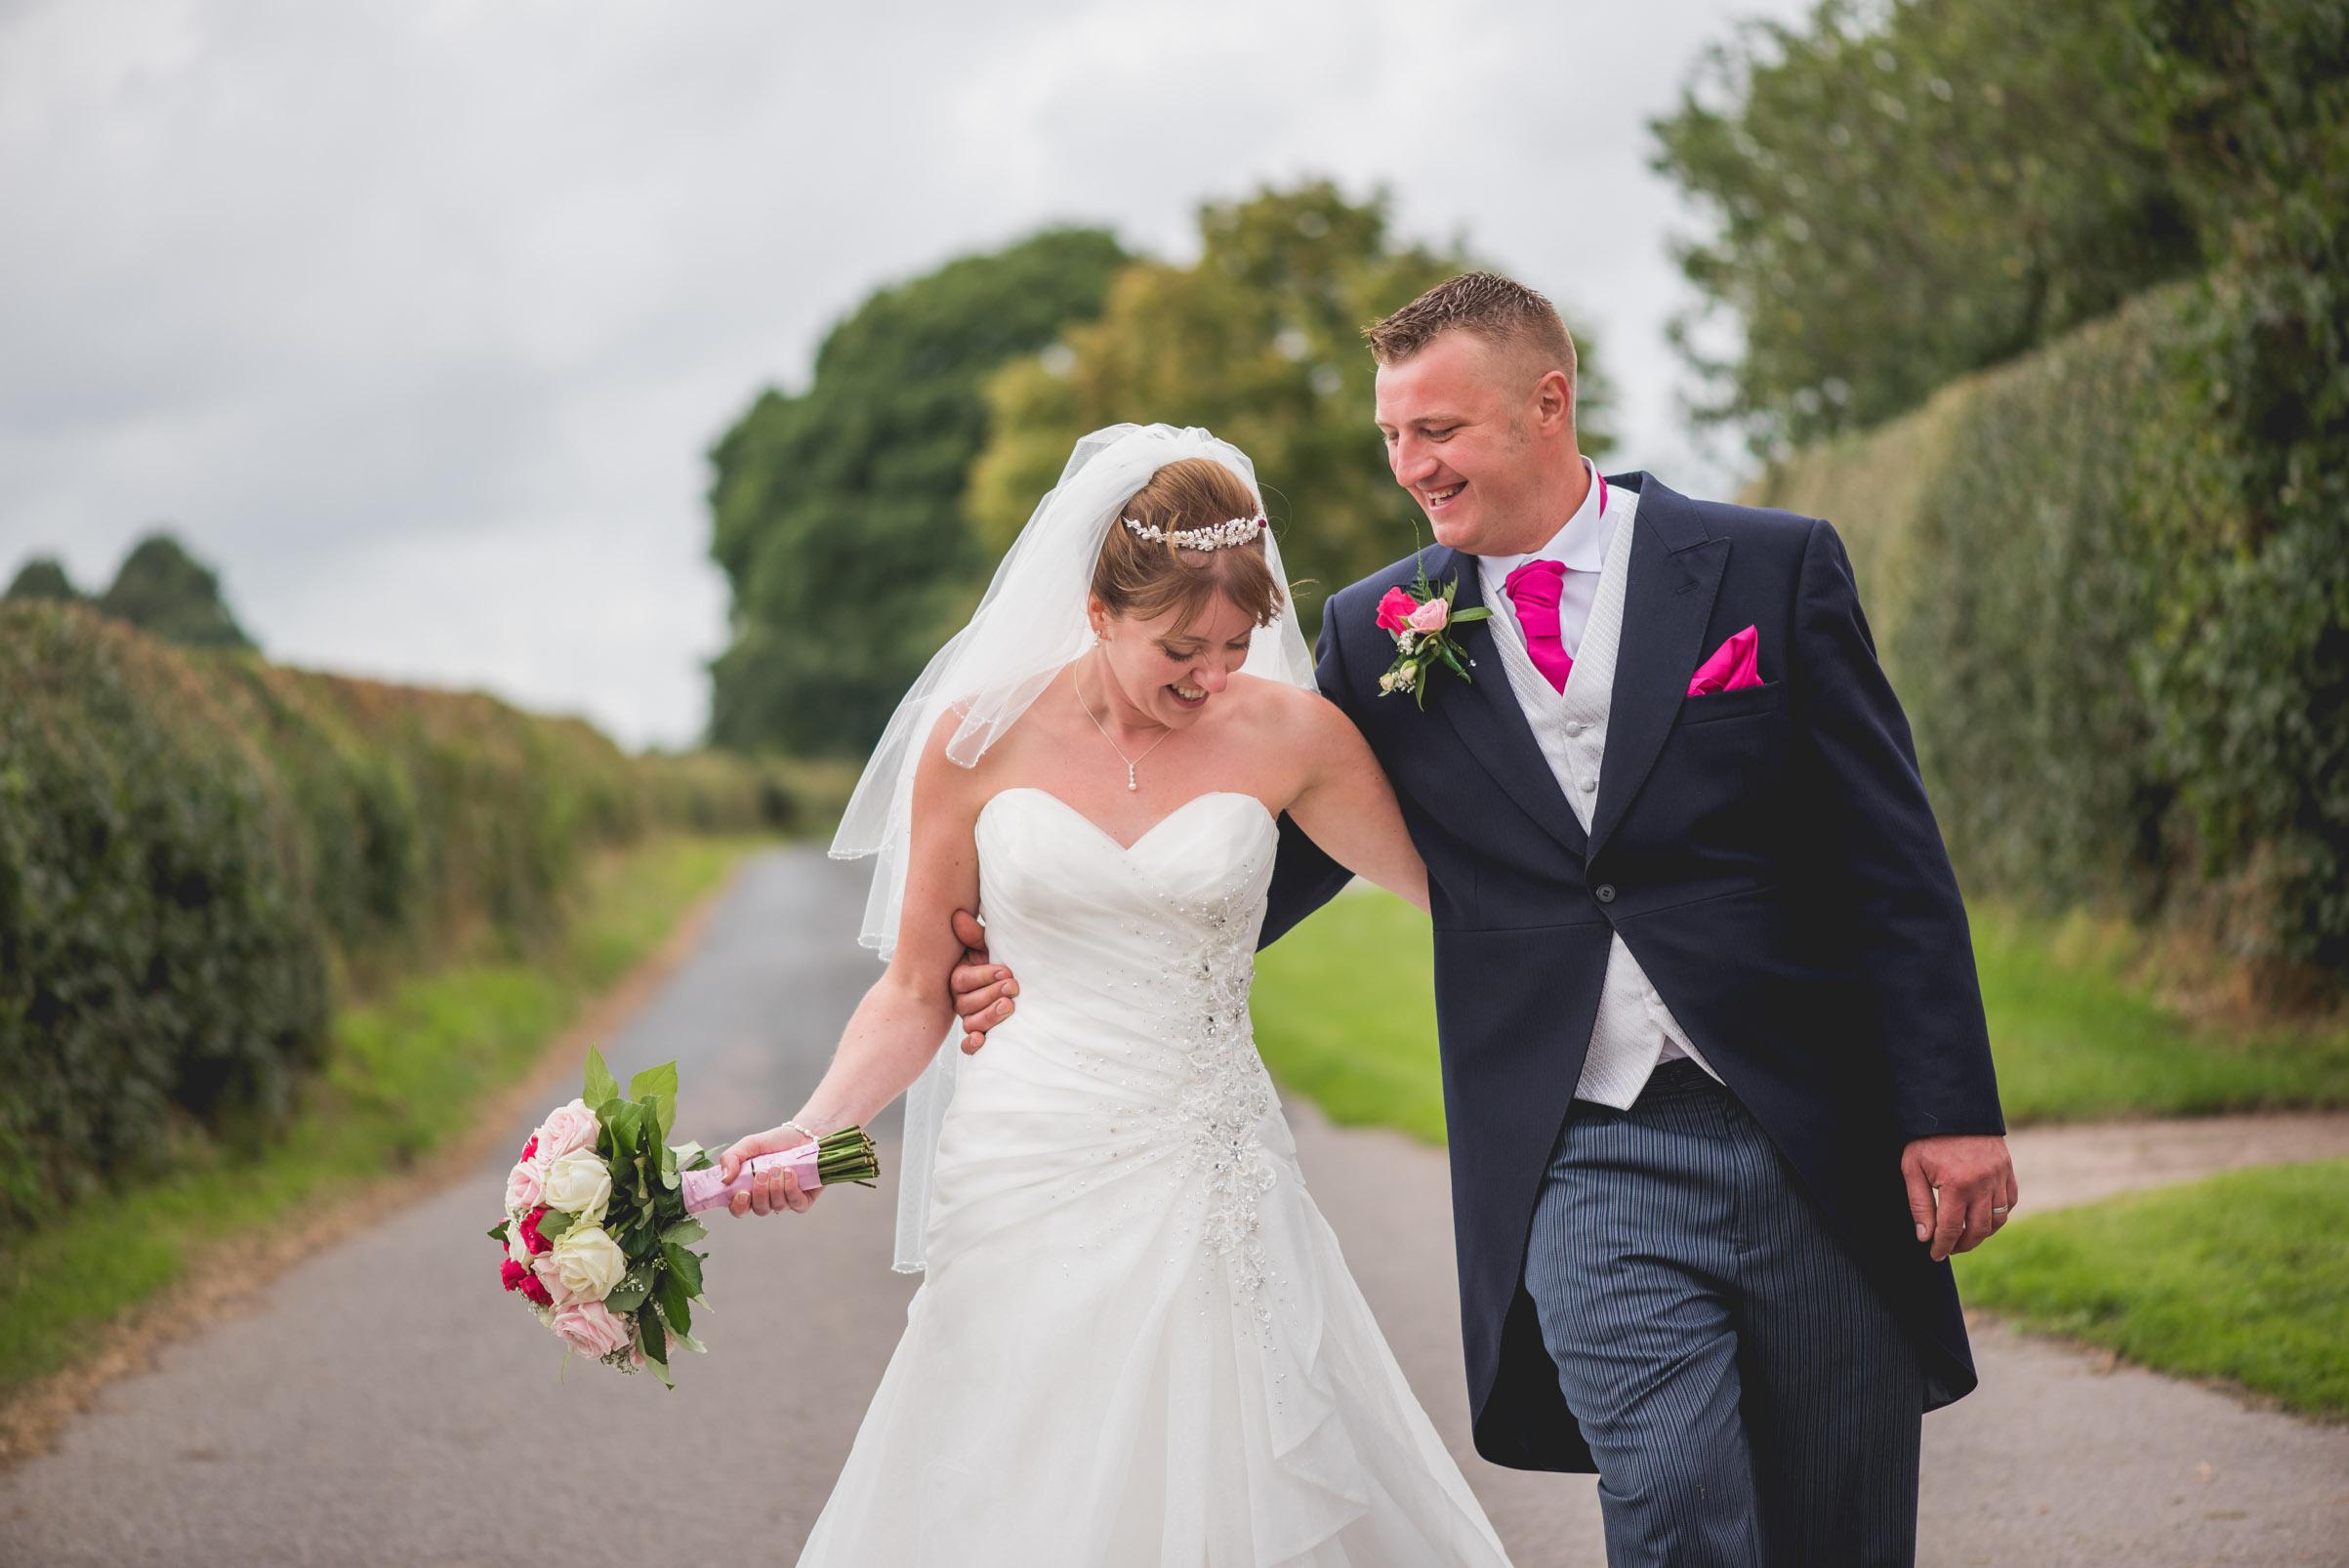 Farm-wedding-staffordshire-st-marys-catholic-church-uttoxter-76.jpg